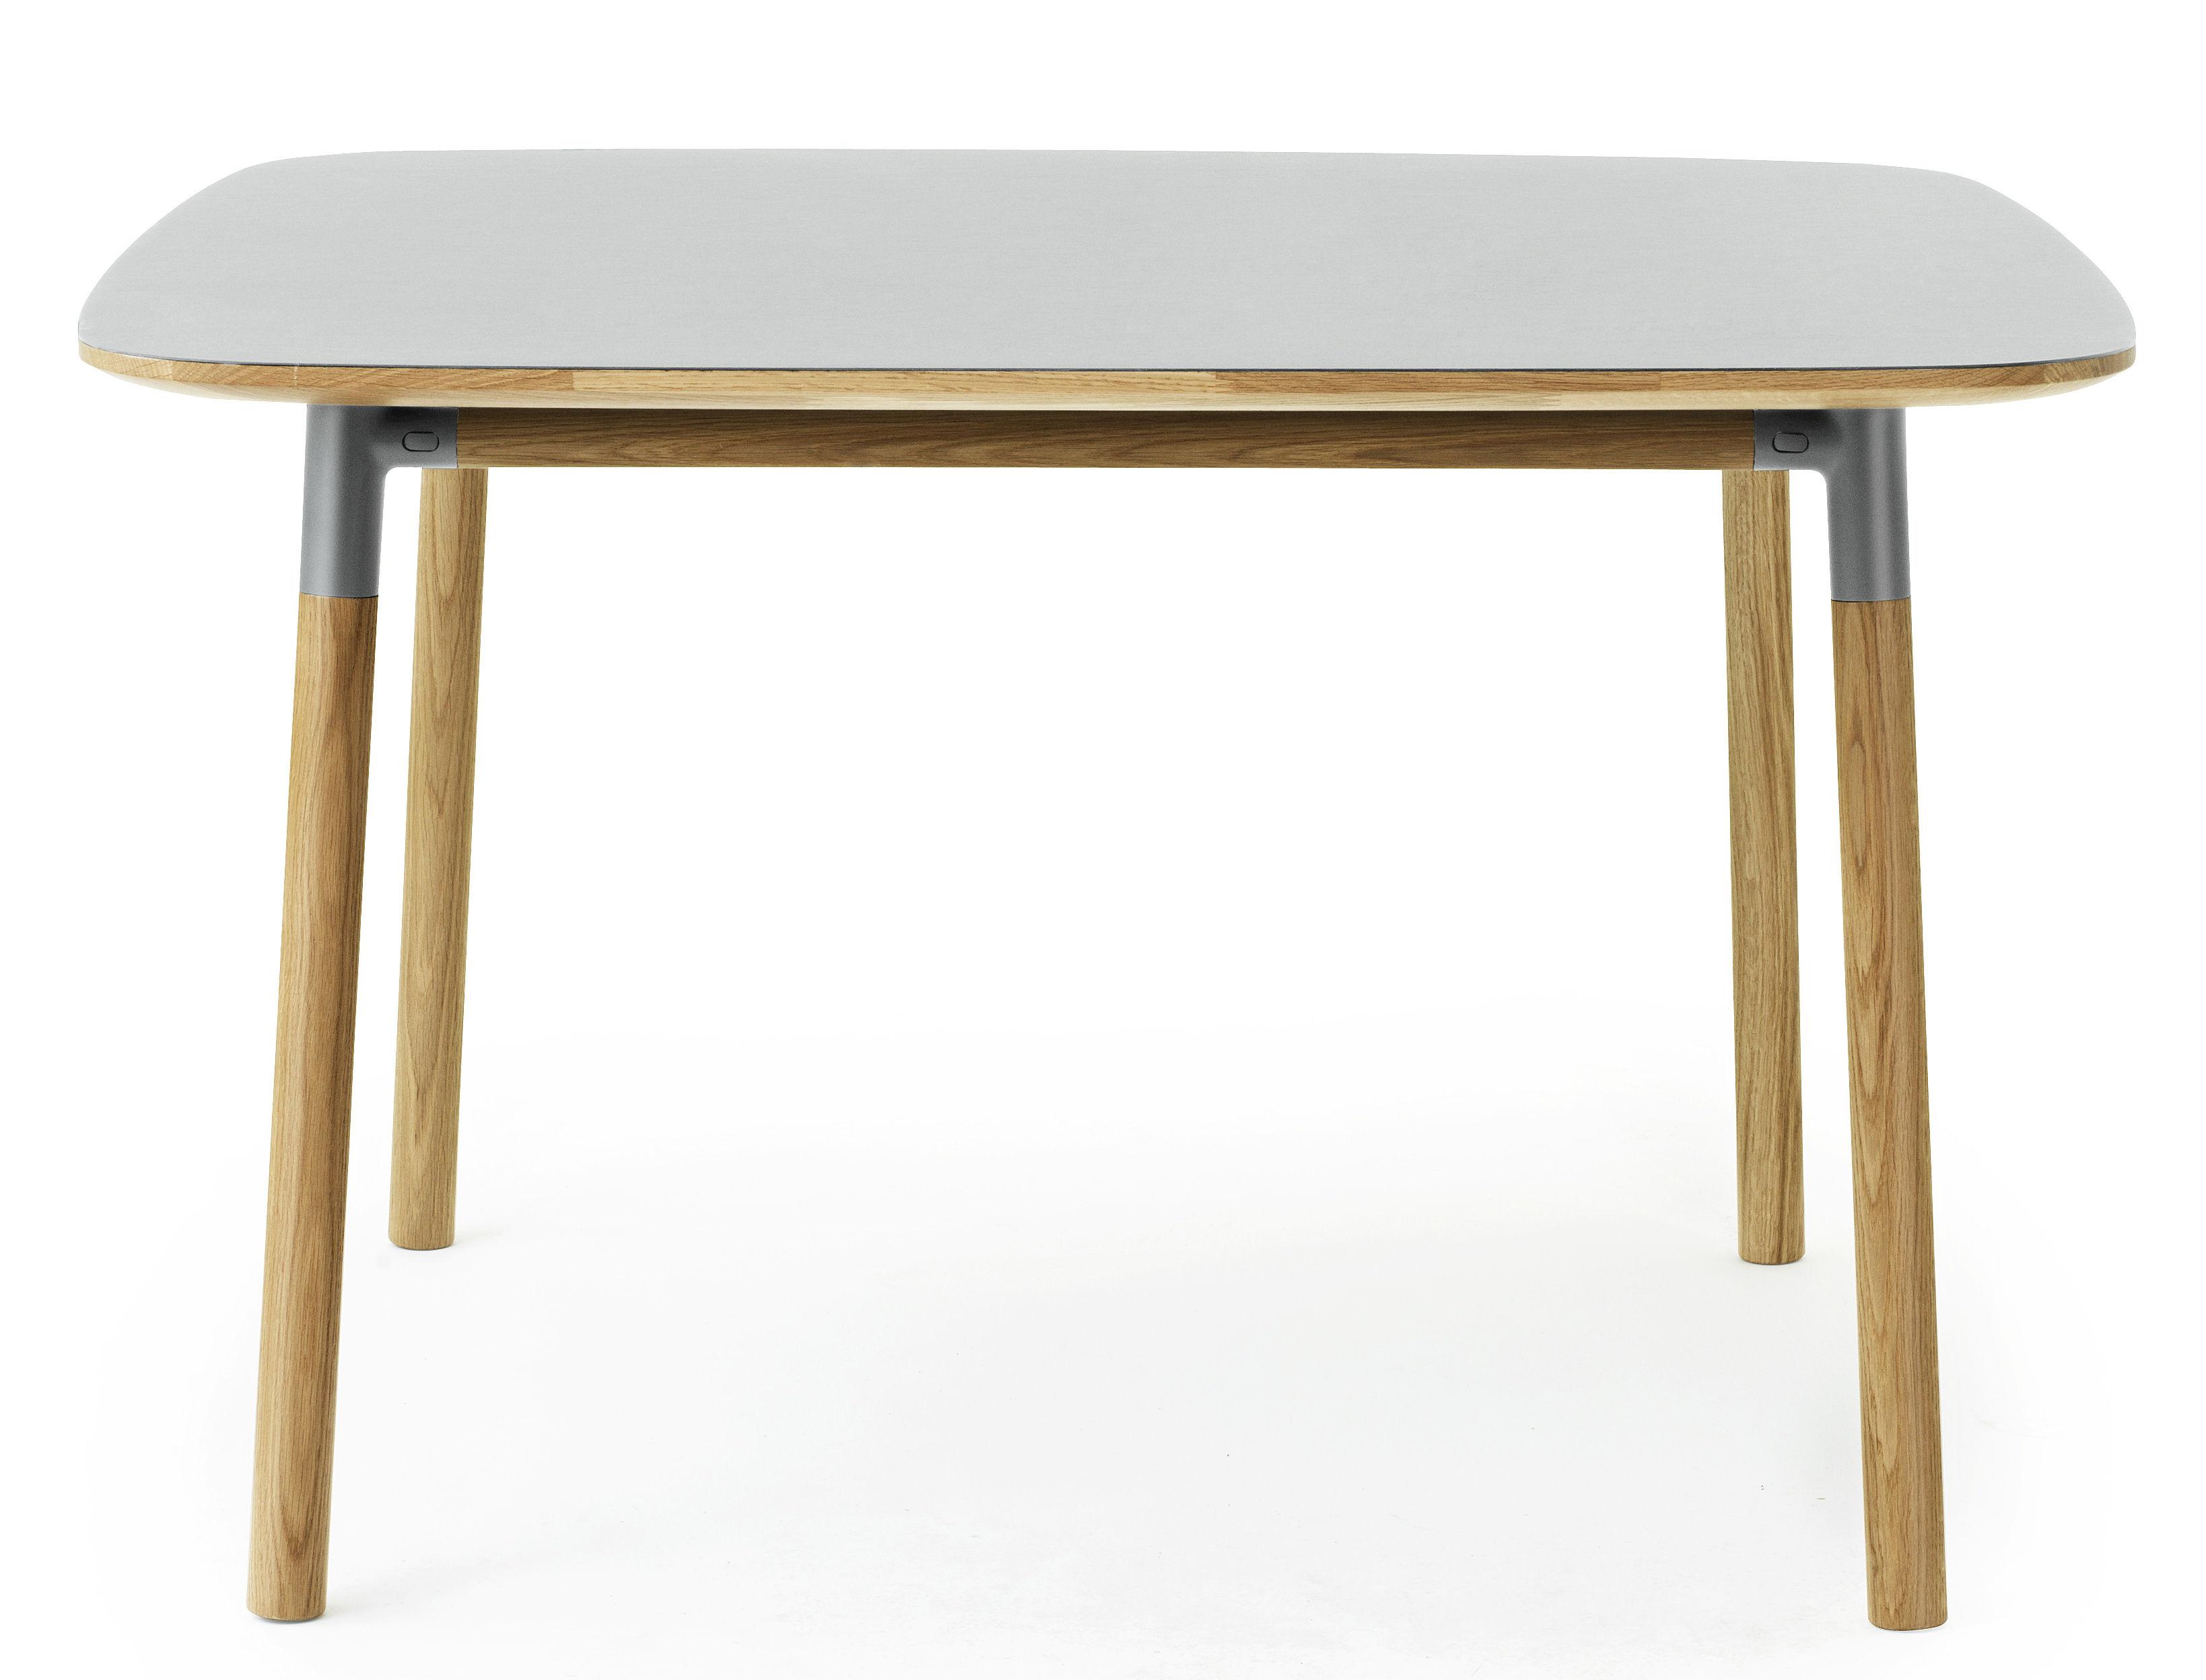 Table form 120 x 120 cm gris ch ne normann copenhagen for Cie 85 table 4